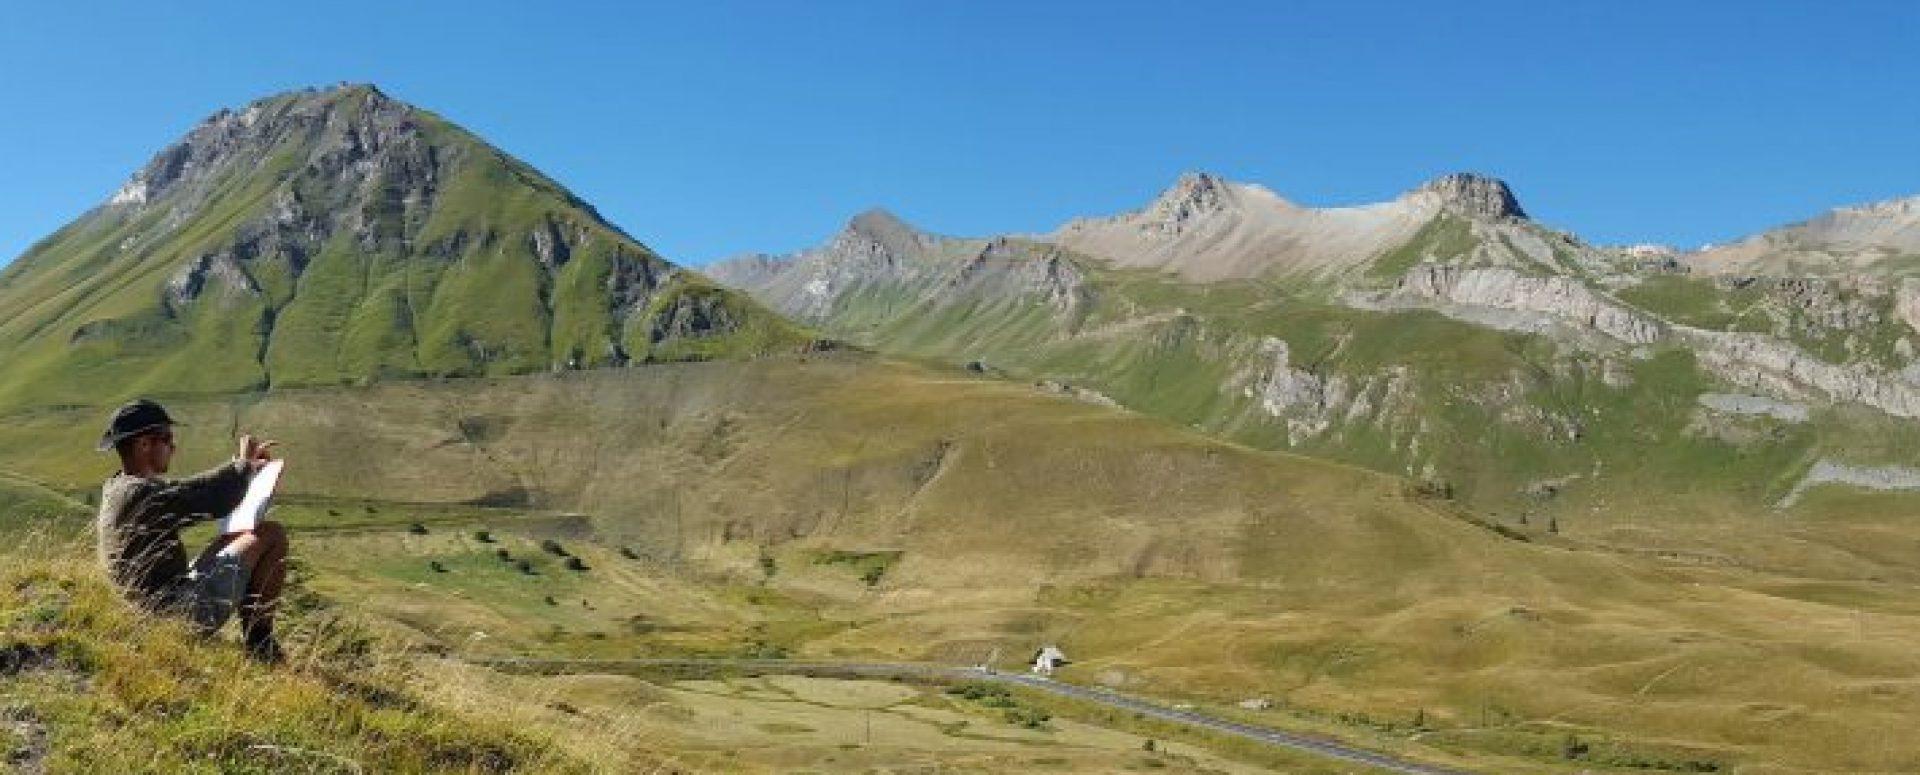 Centre de Géologie de l'Oisans